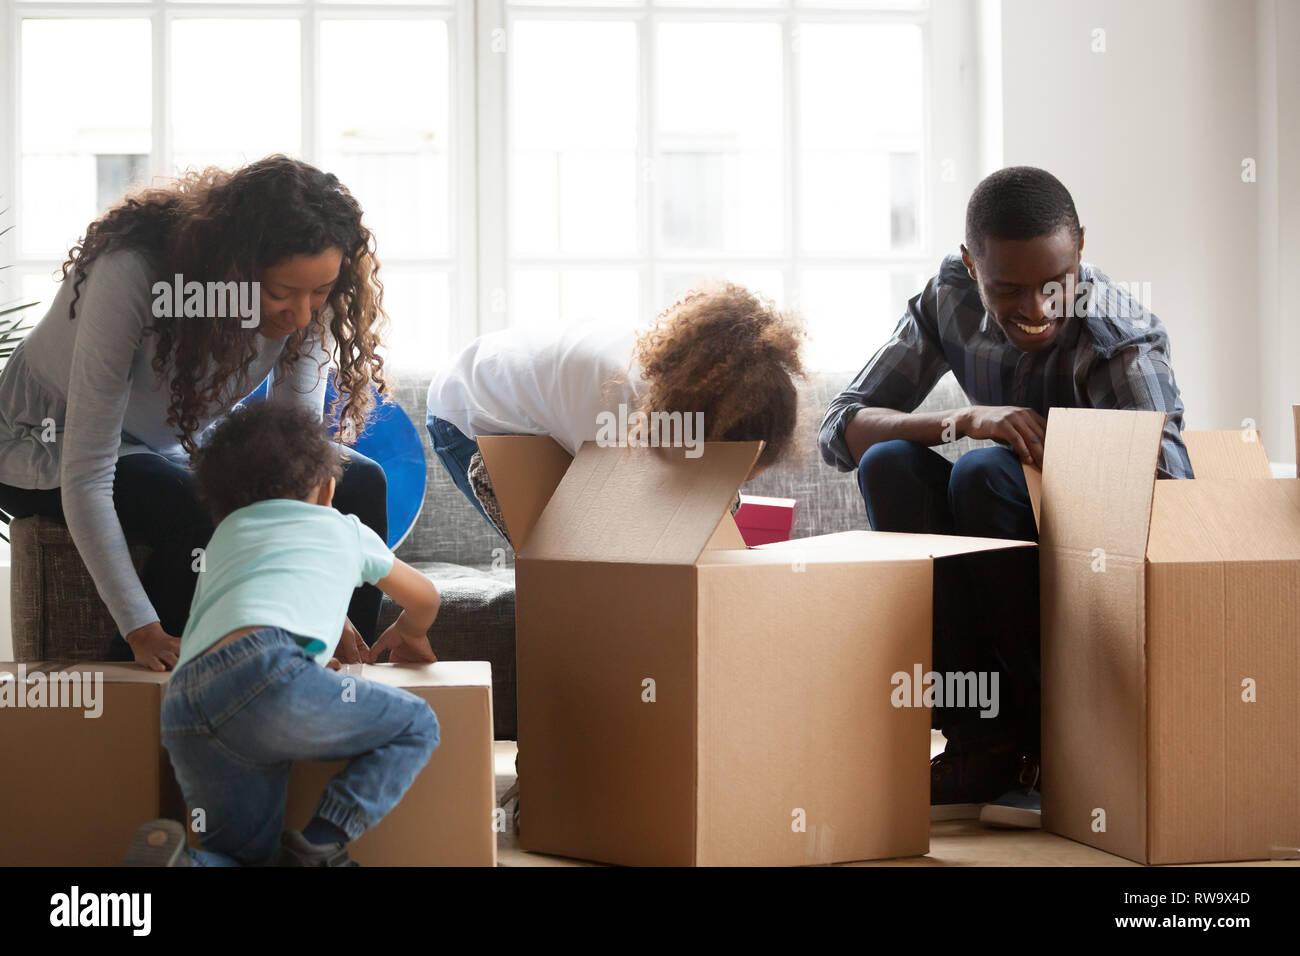 Gerne schwarze Familie mit kleinen Kindern Auspacken von Kisten Stockbild